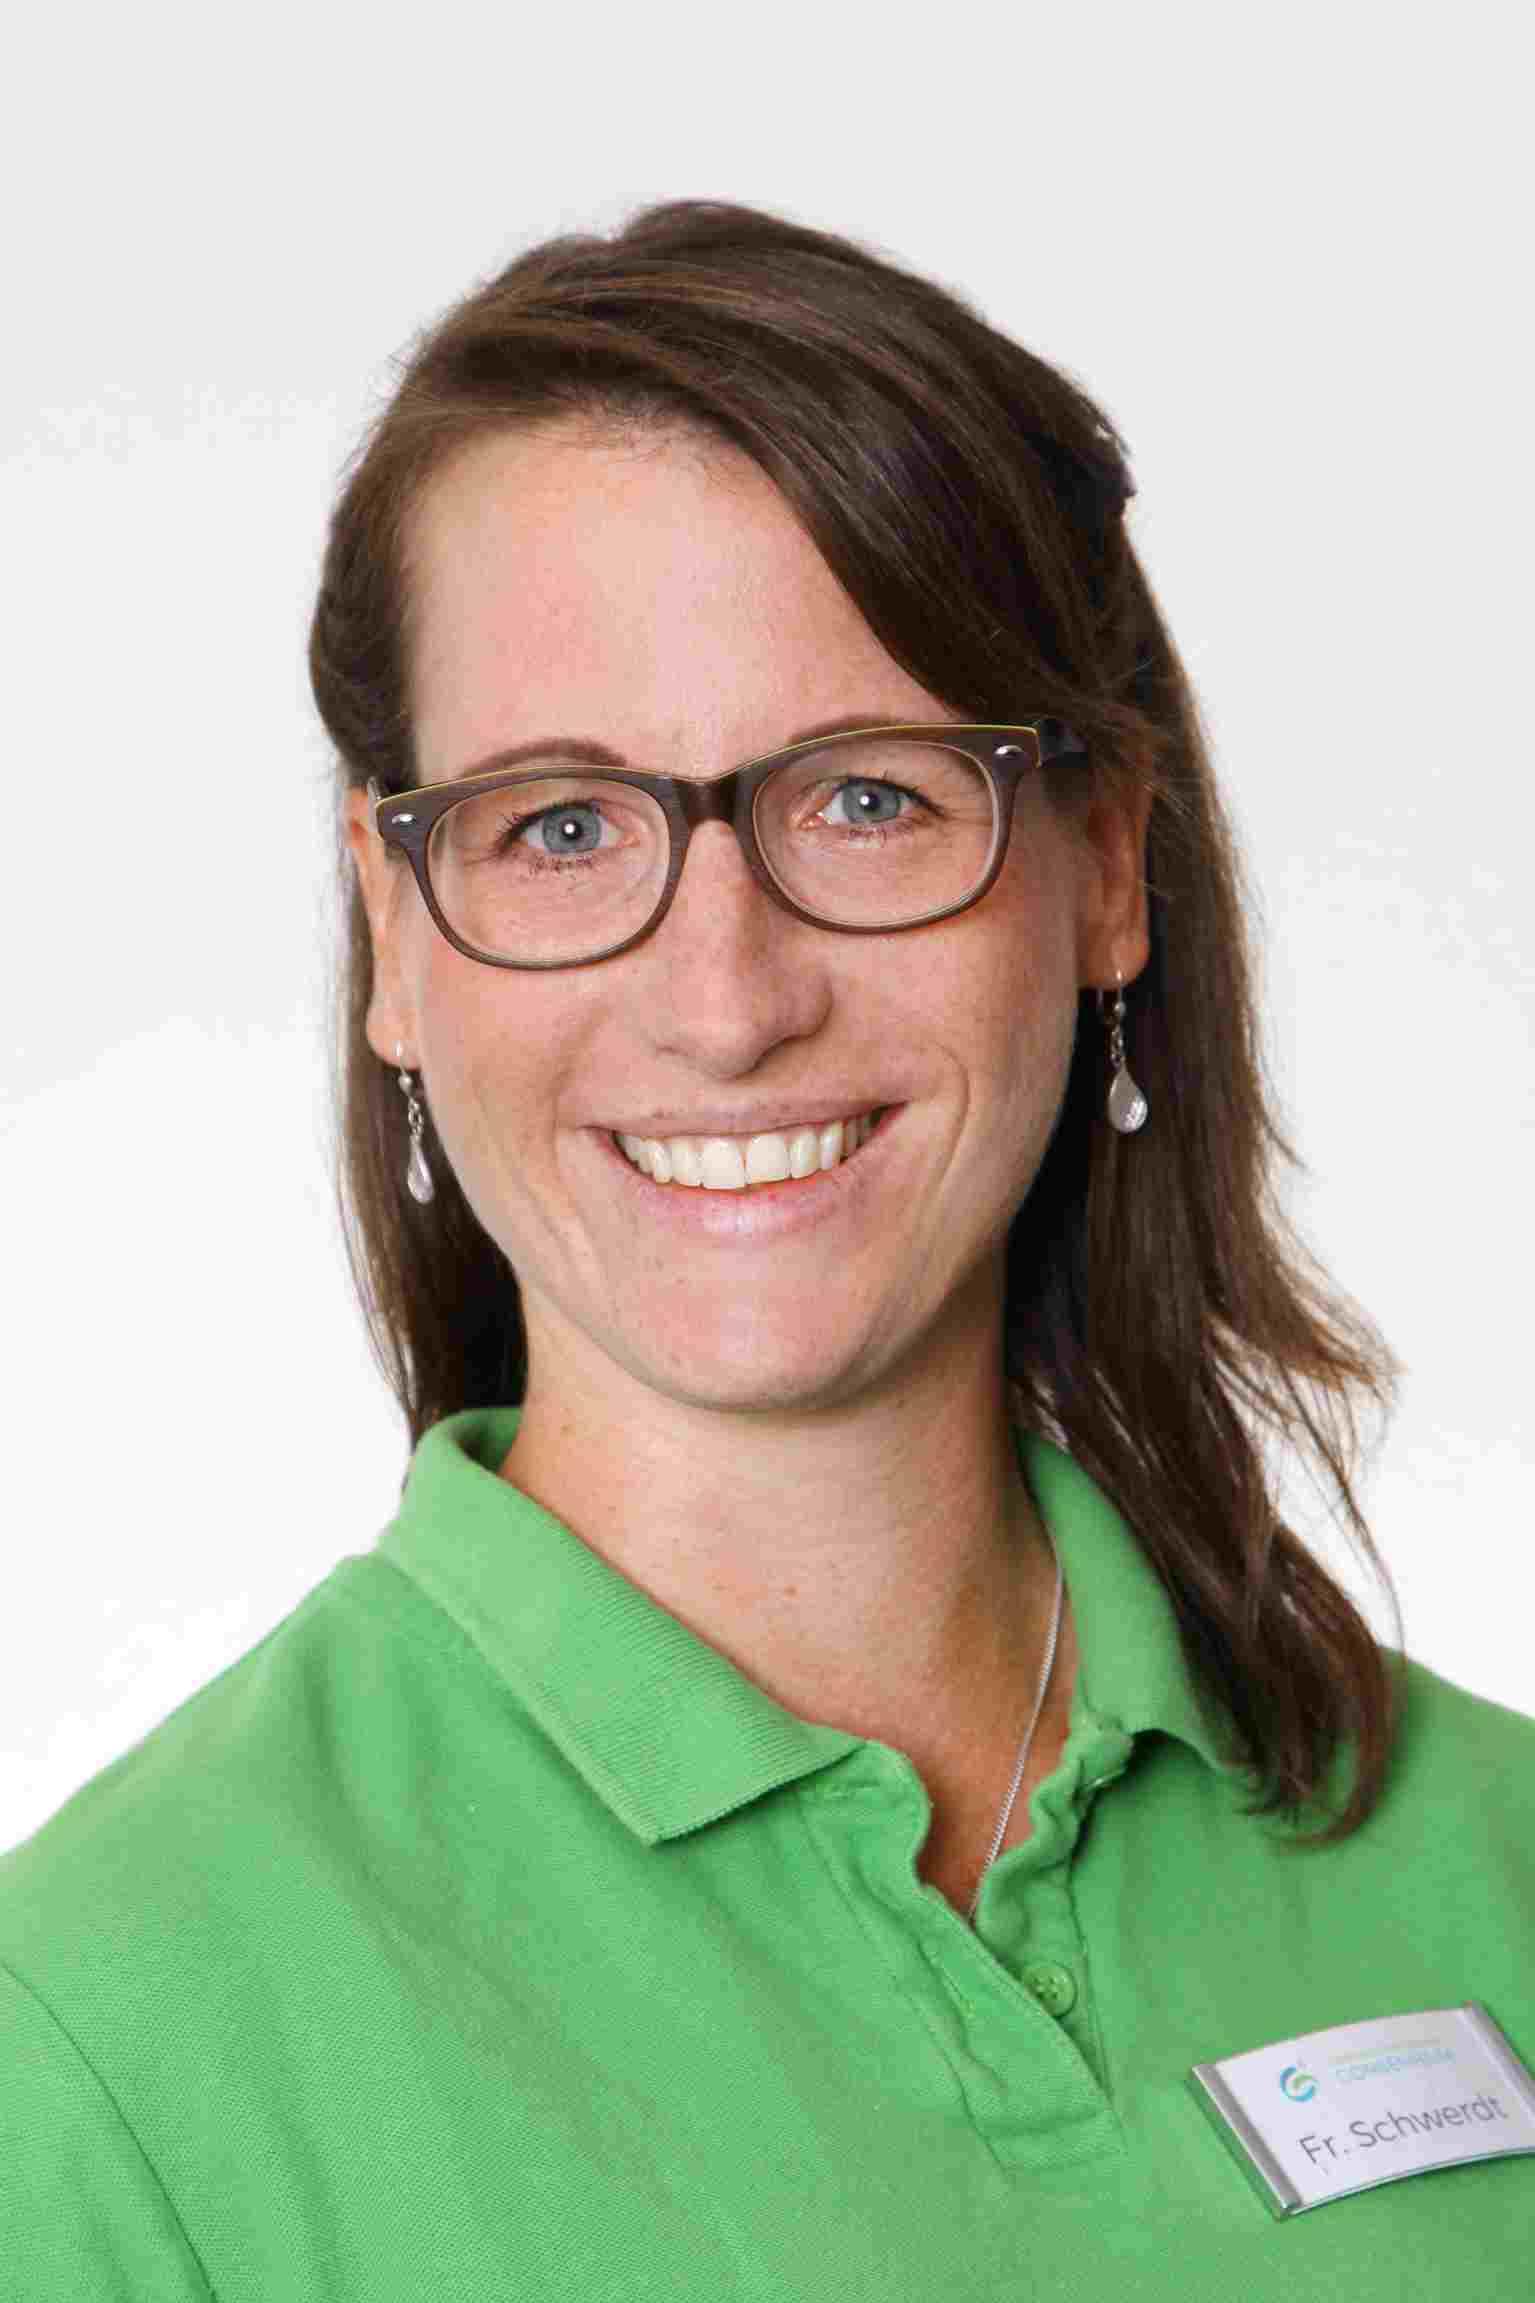 Nina Schwerdt komp neu